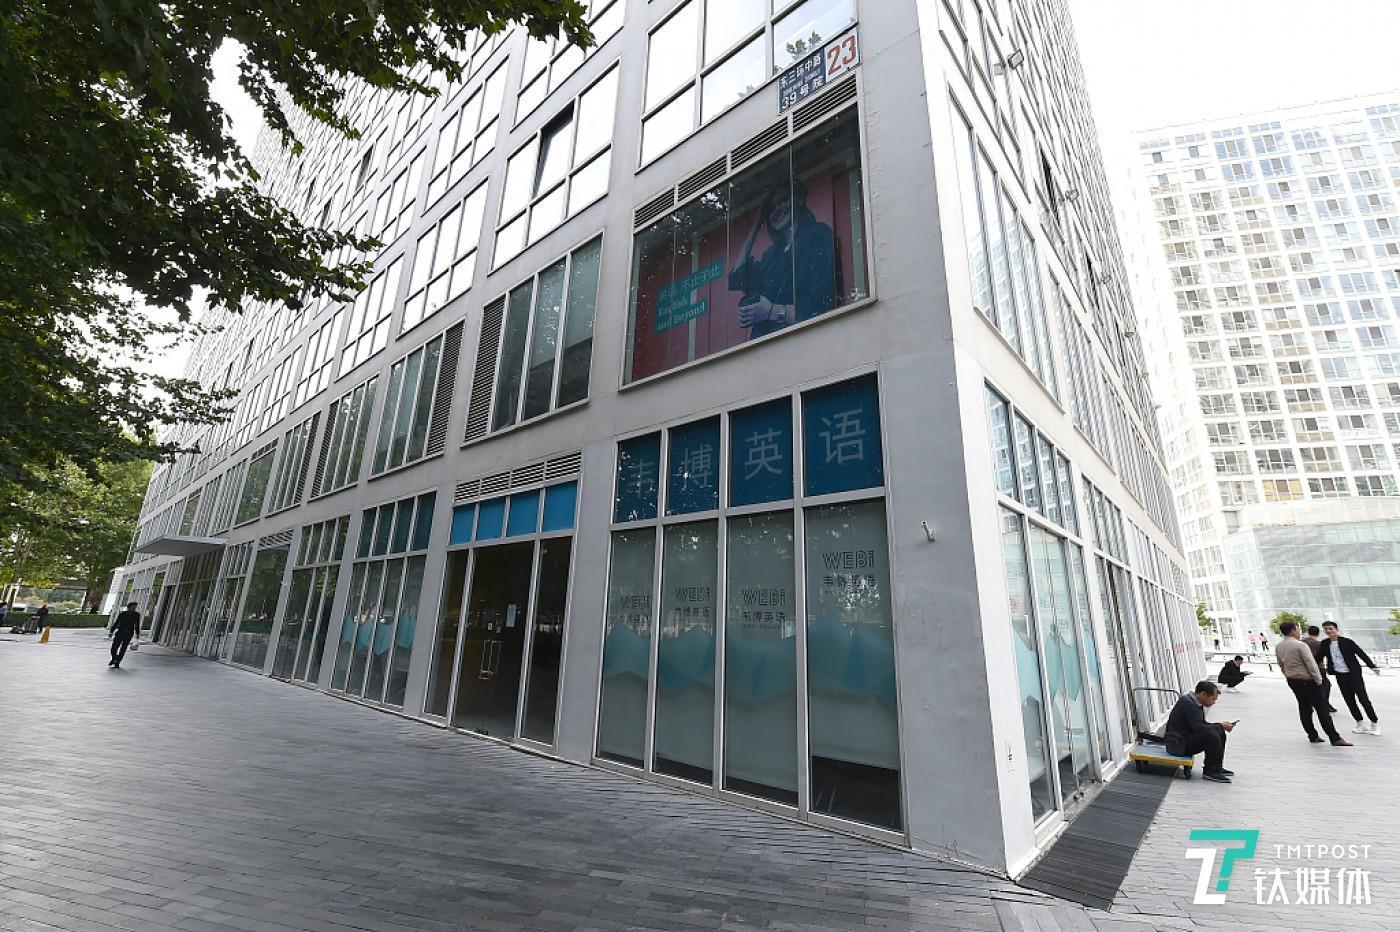 位于北京国贸商圈的韦博英语教学点